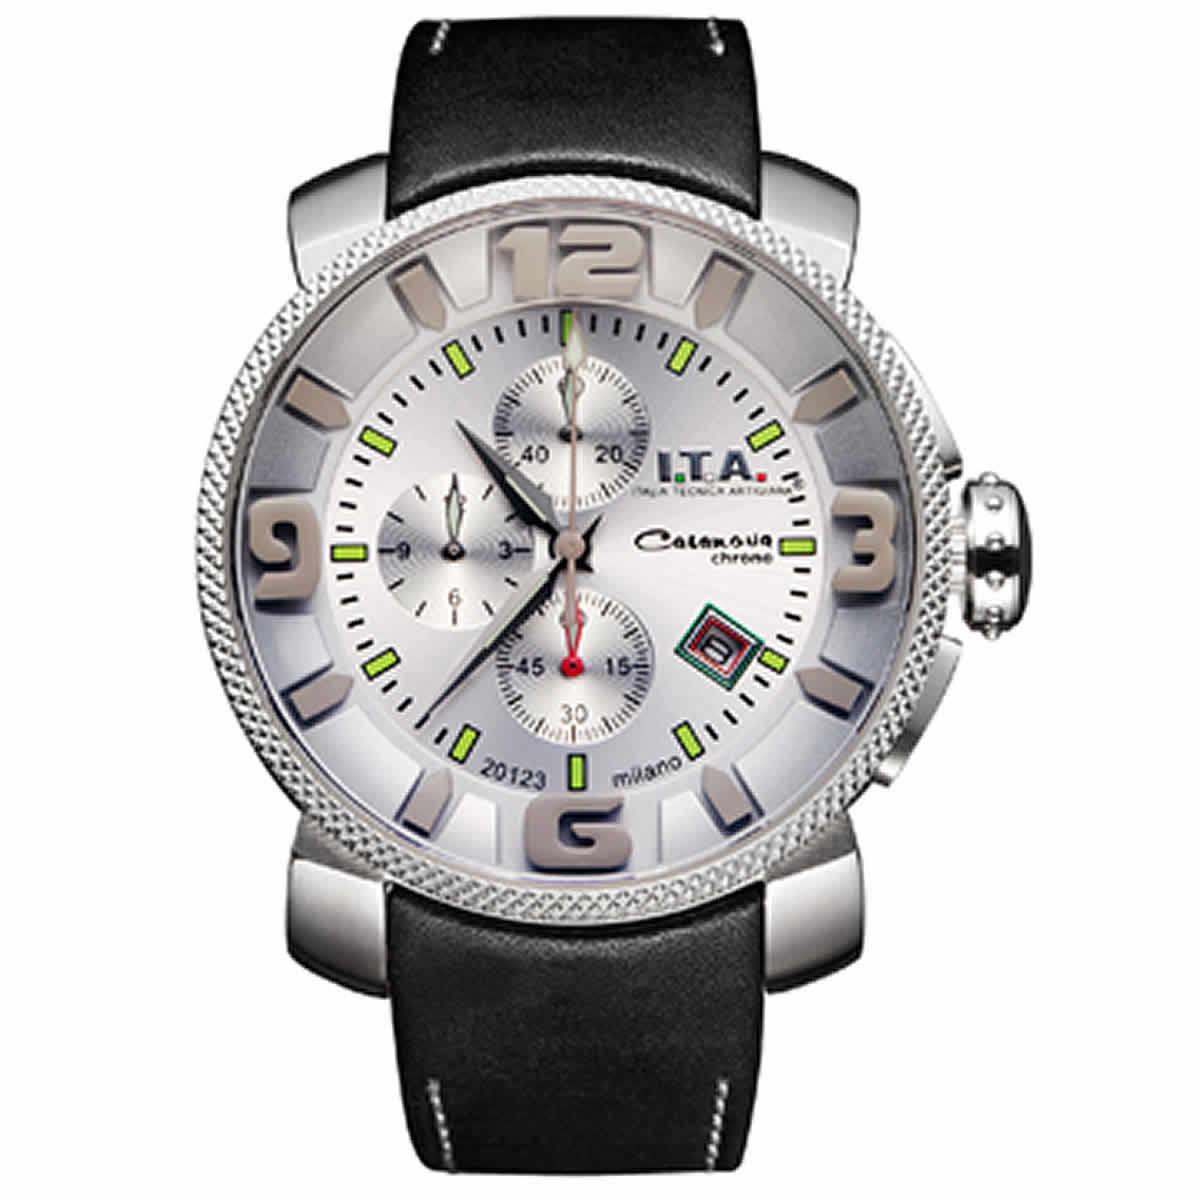 I.T.A.(アイティーエー)/カサノバクロノ日本限定モデル/腕時計/12.70.21 ホワイトシルバー